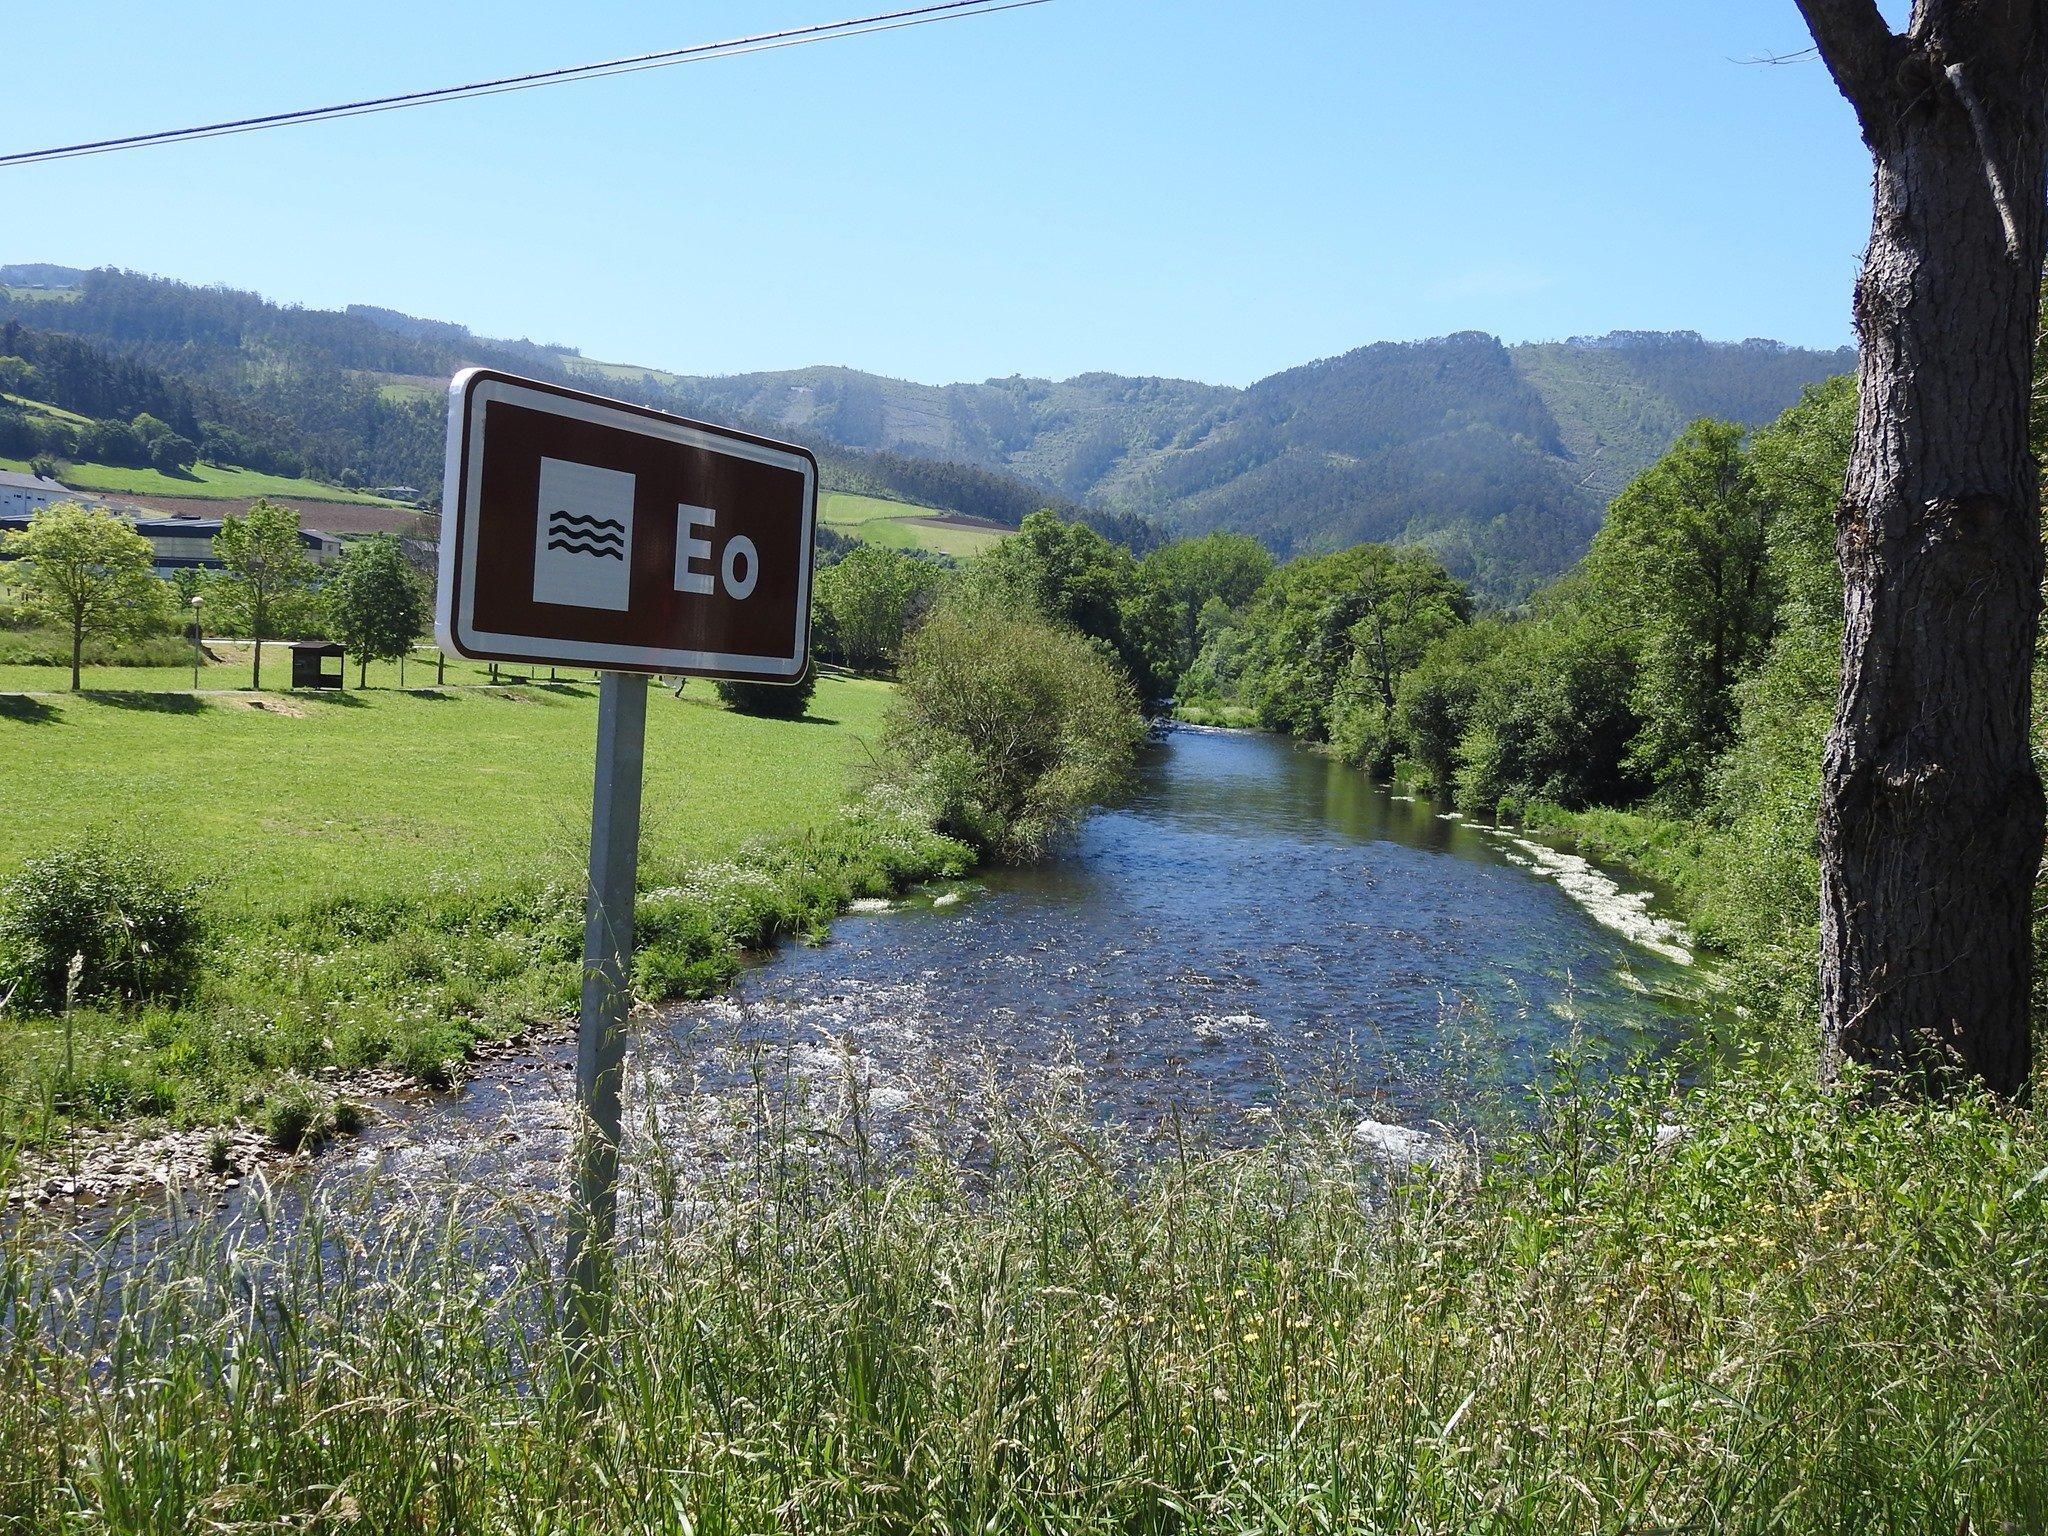 Este viernes se vuelve a la actividad en los ríos salmoneros asturianos tras el descanso del jueves; Eo y Esva aún no dieron piezas